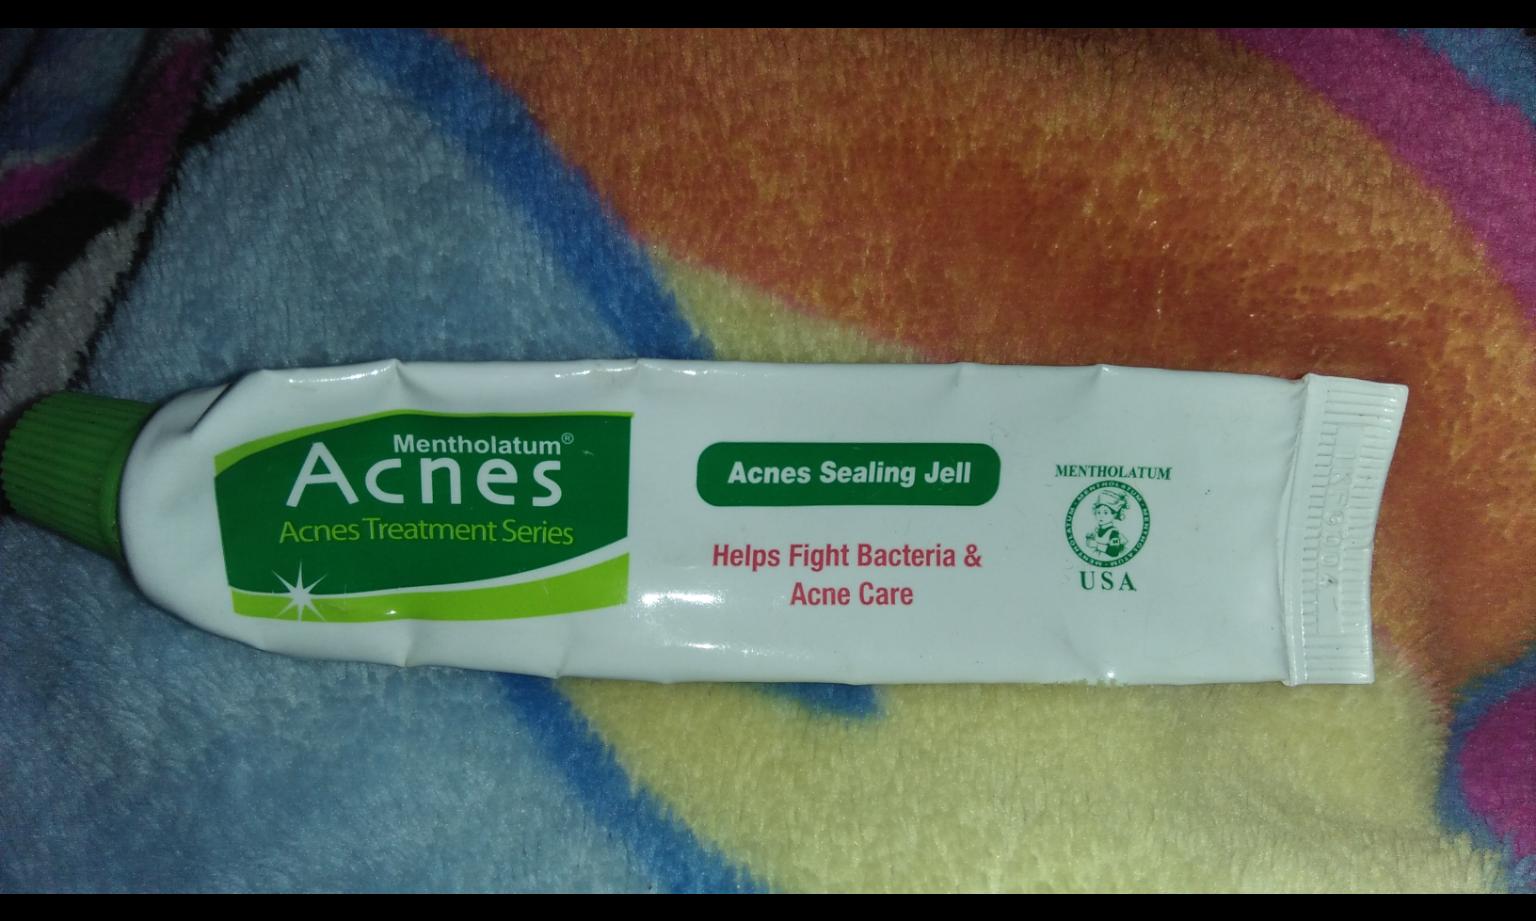 Acnes Acnes Sealing Gel